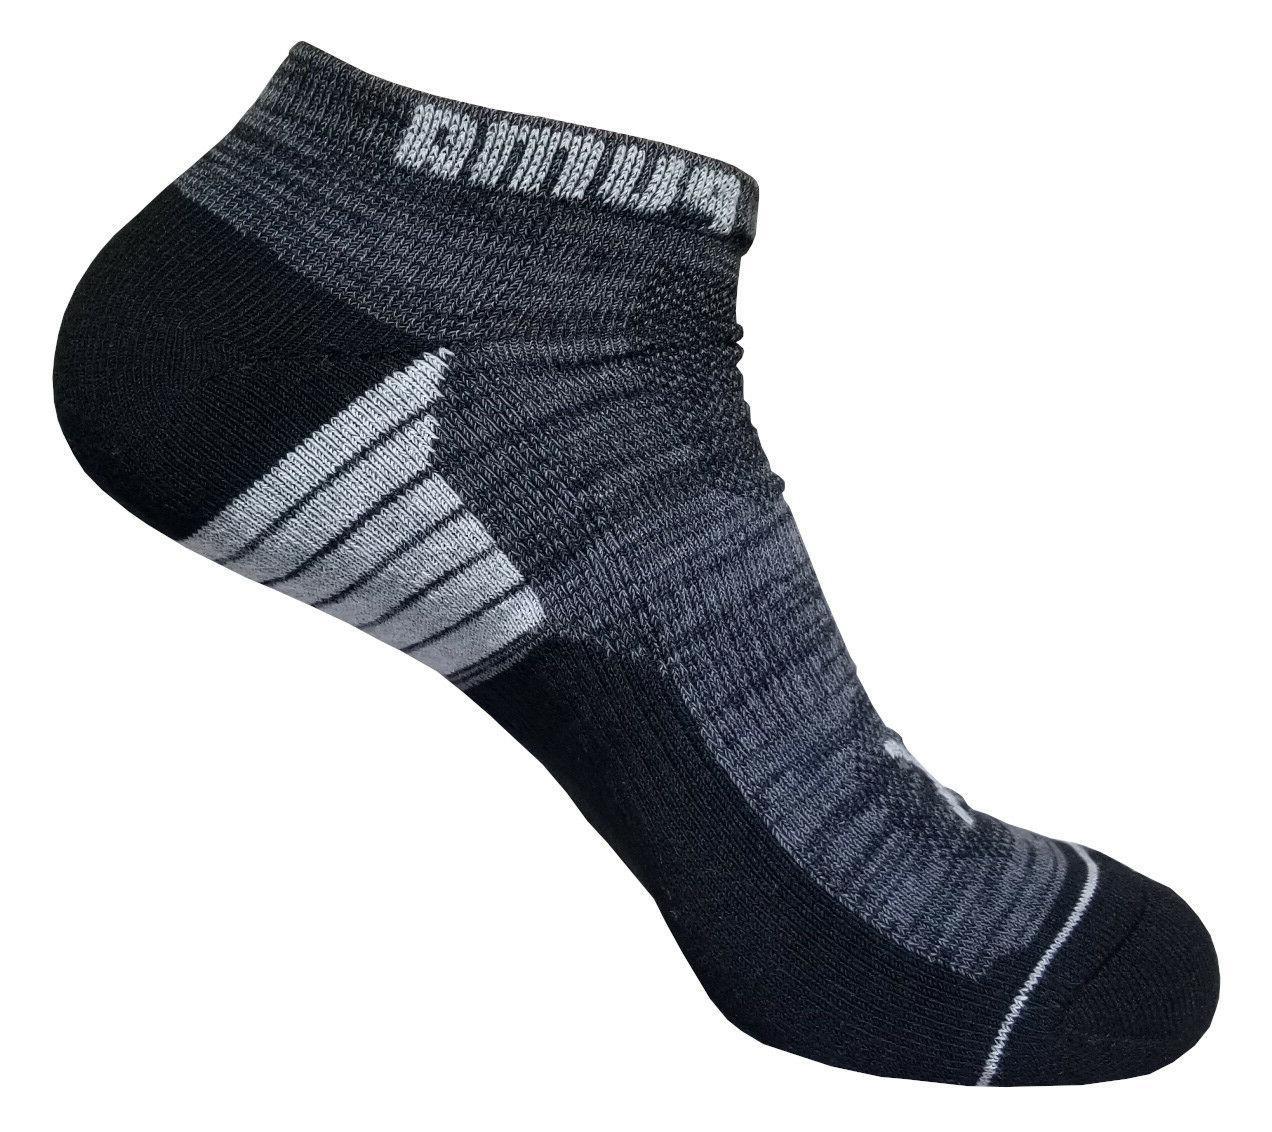 6 mens dri fit low cut socks